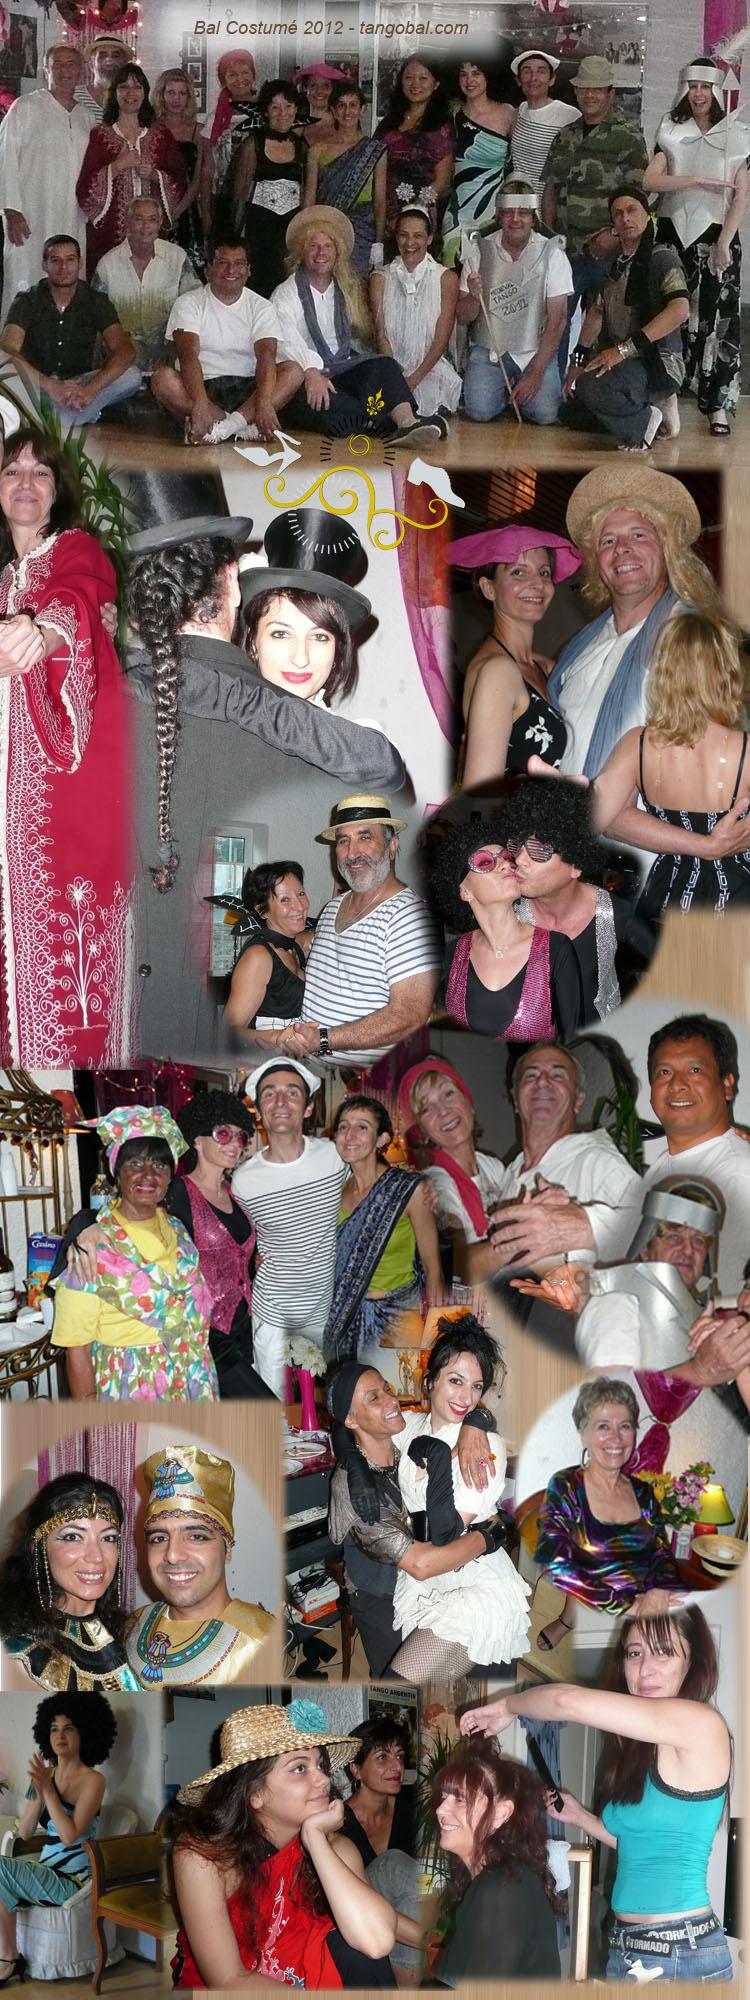 Bal Costumé du TangoLôft - Tango Argentin à Aix en Provence